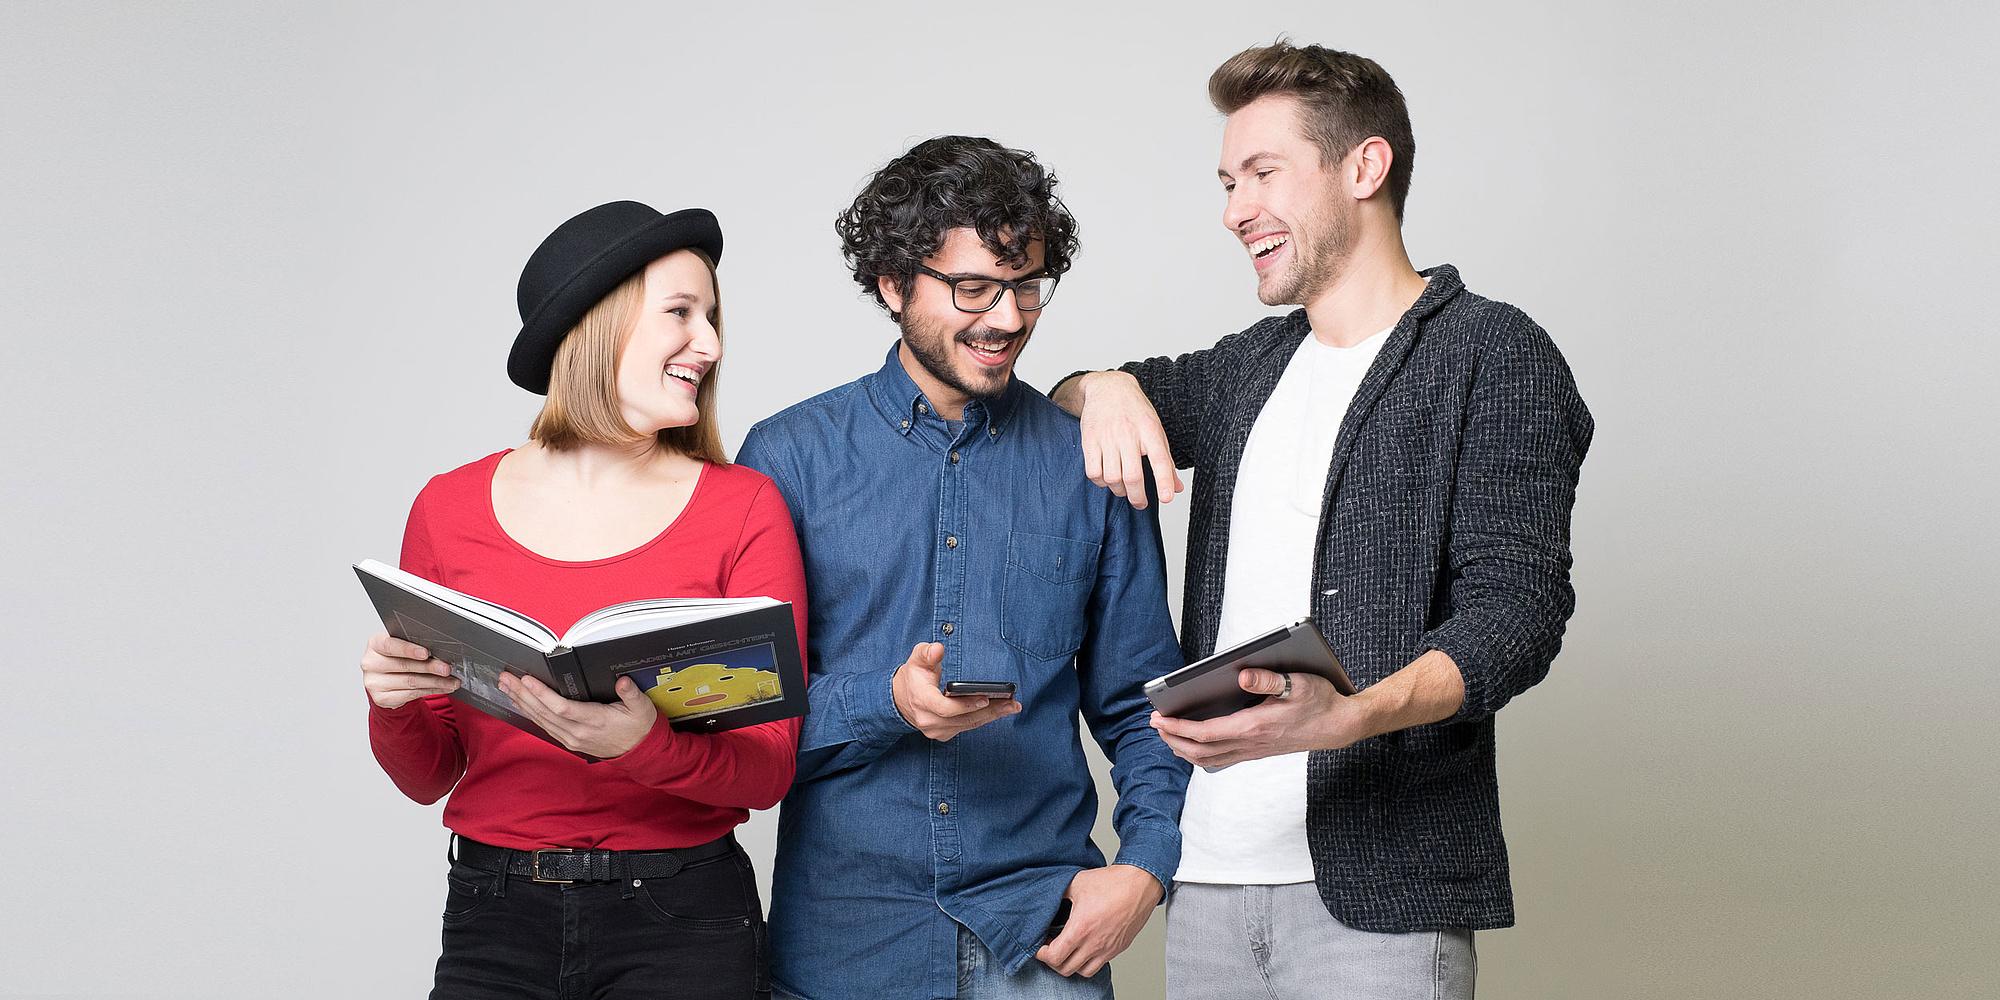 3 Studierende halten Block, Handy und iPad in der Hand und lachen.